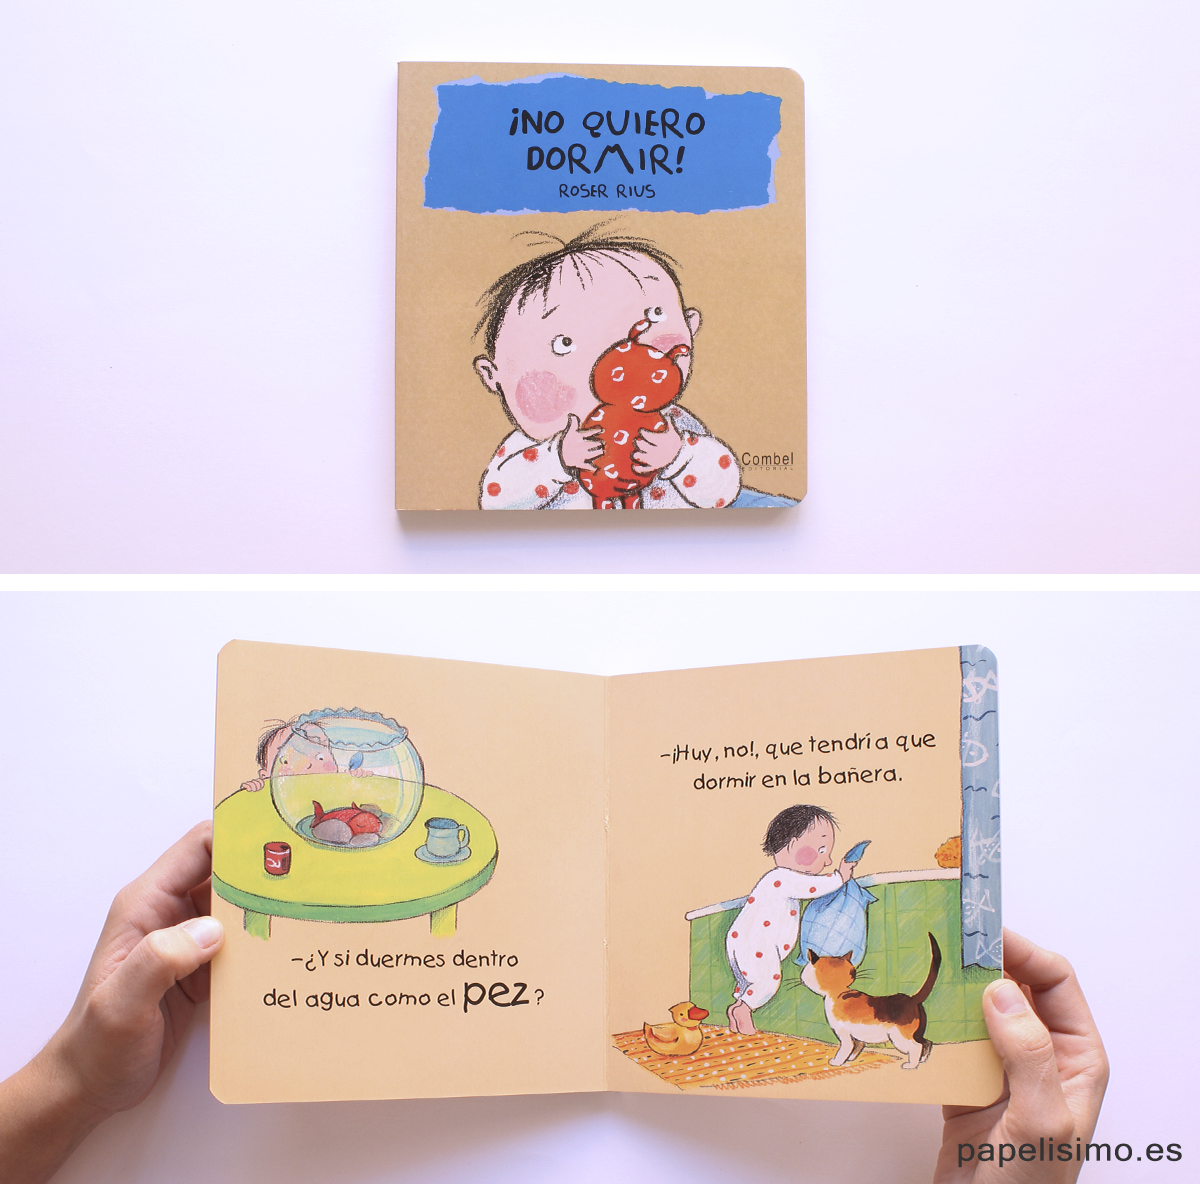 5 libros infantiles para ir a dormir jugando - PAPELISIMO